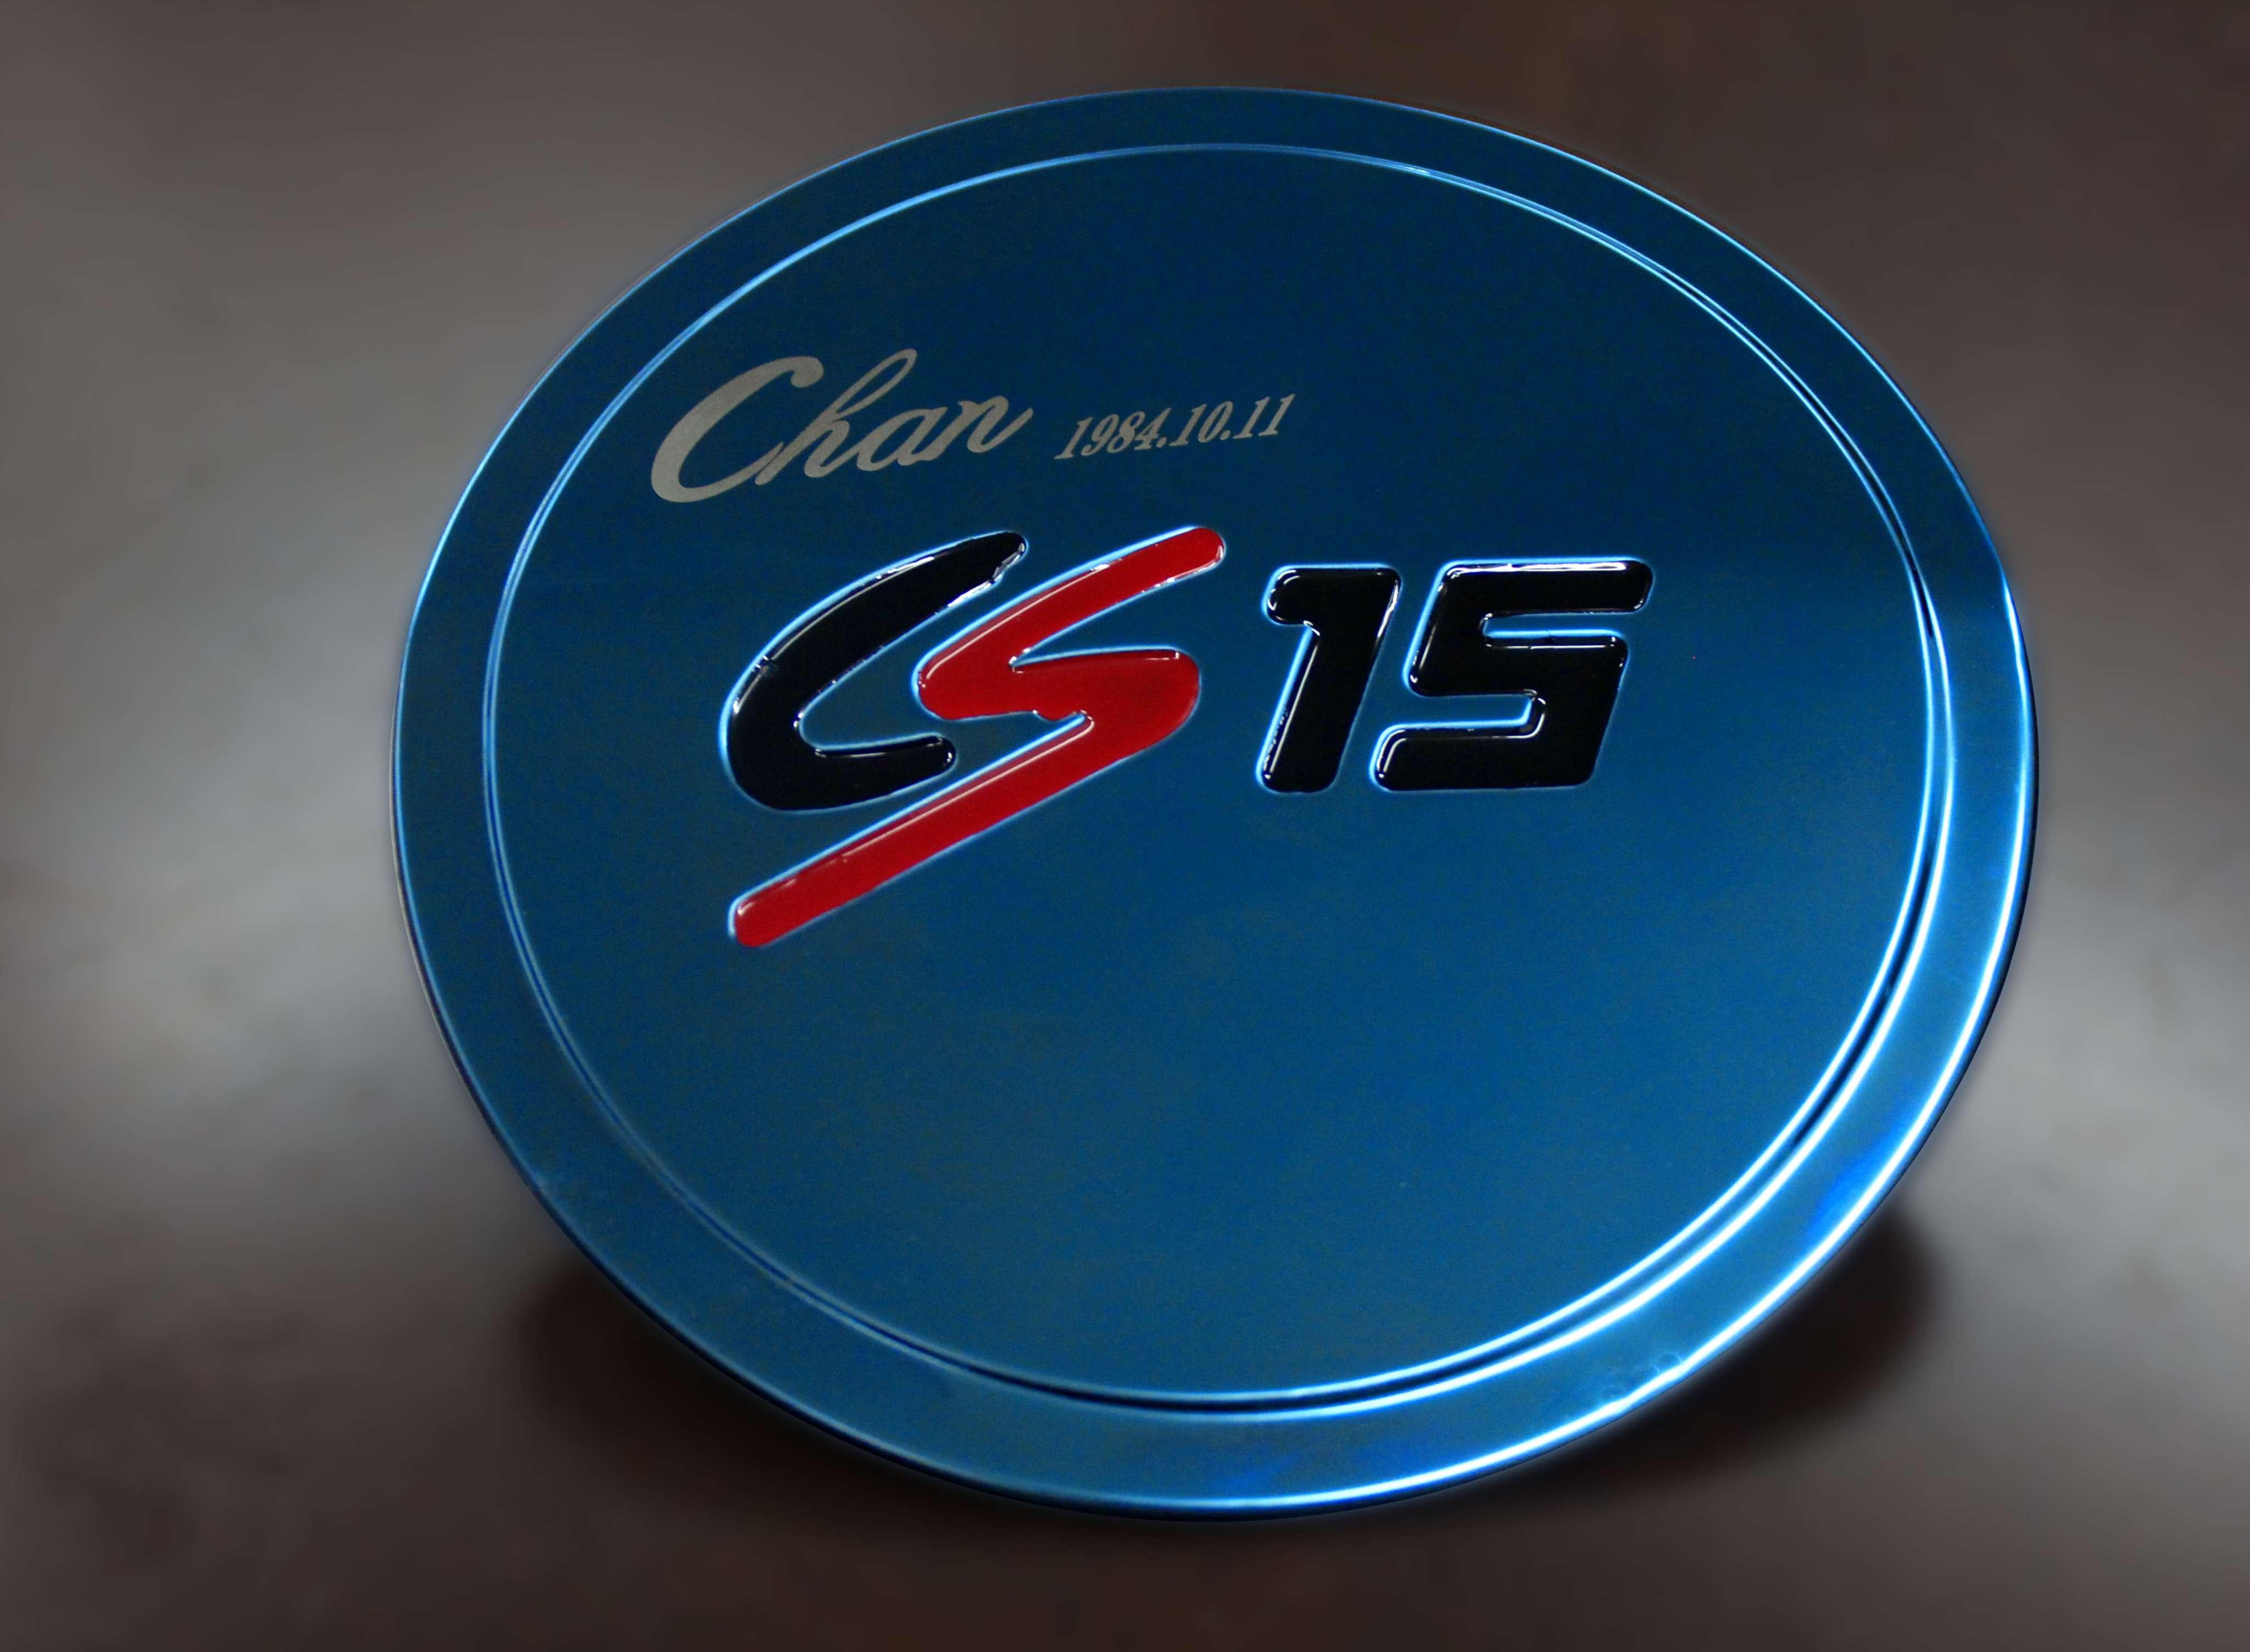 长安cs15油箱盖(彩钢款)